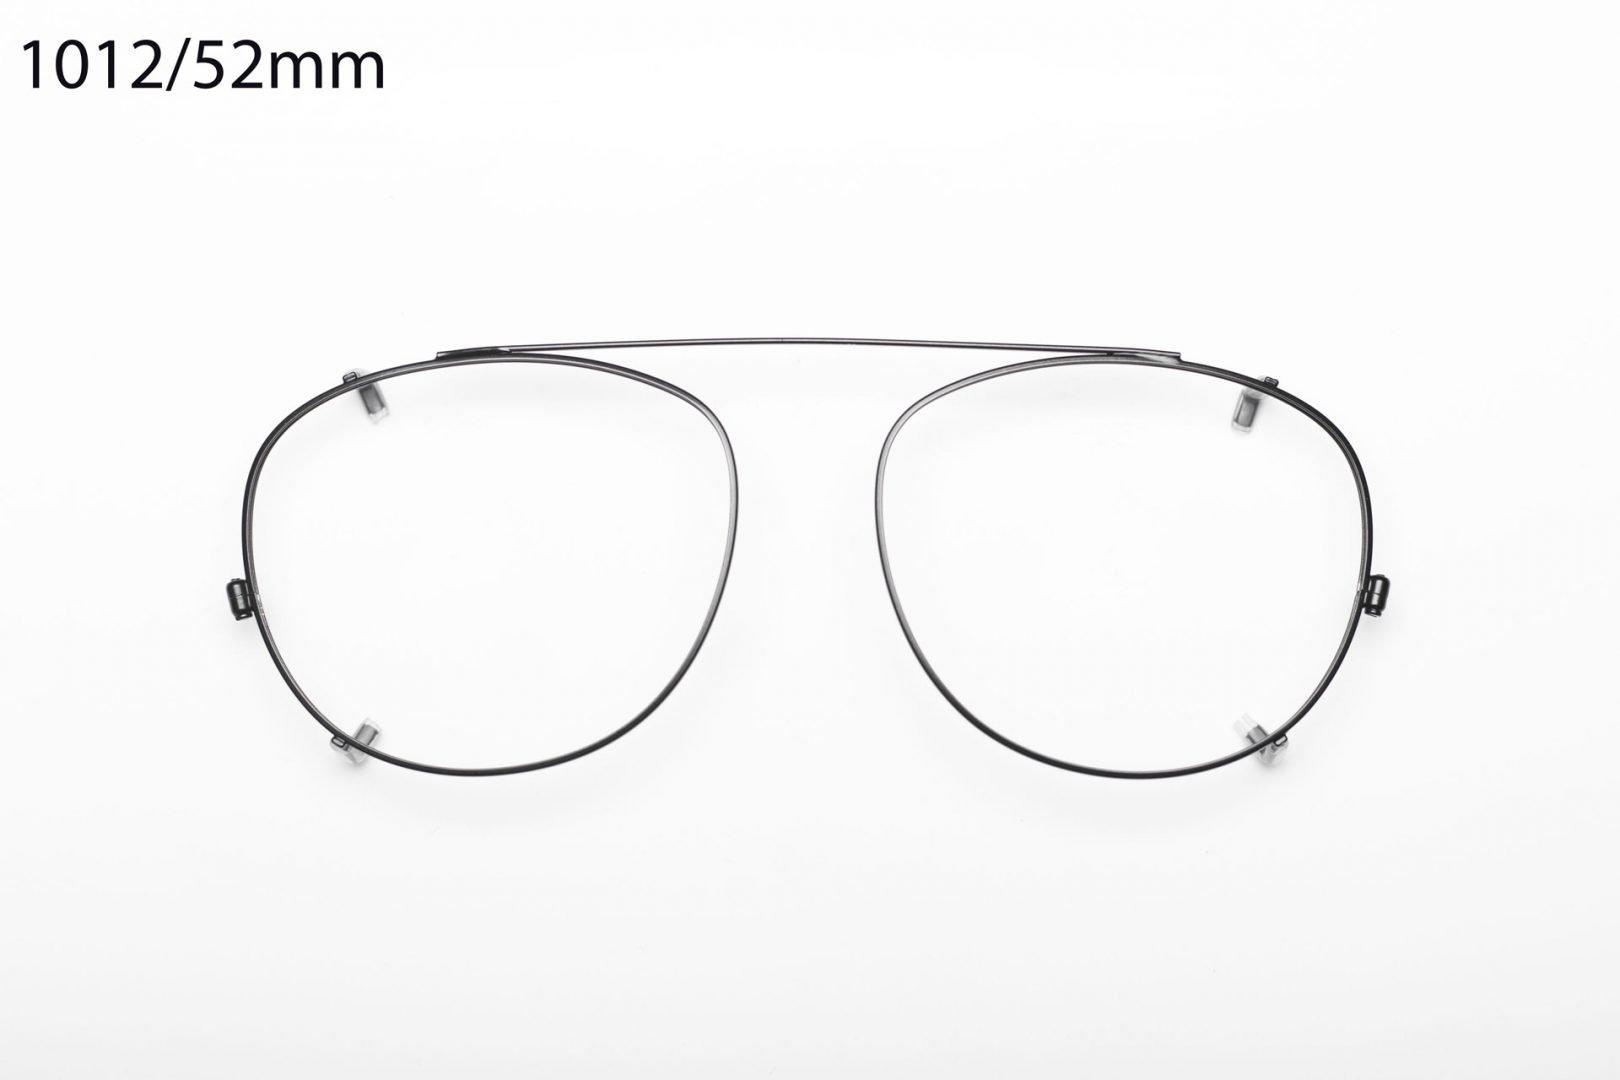 Modèle A64-101252mm